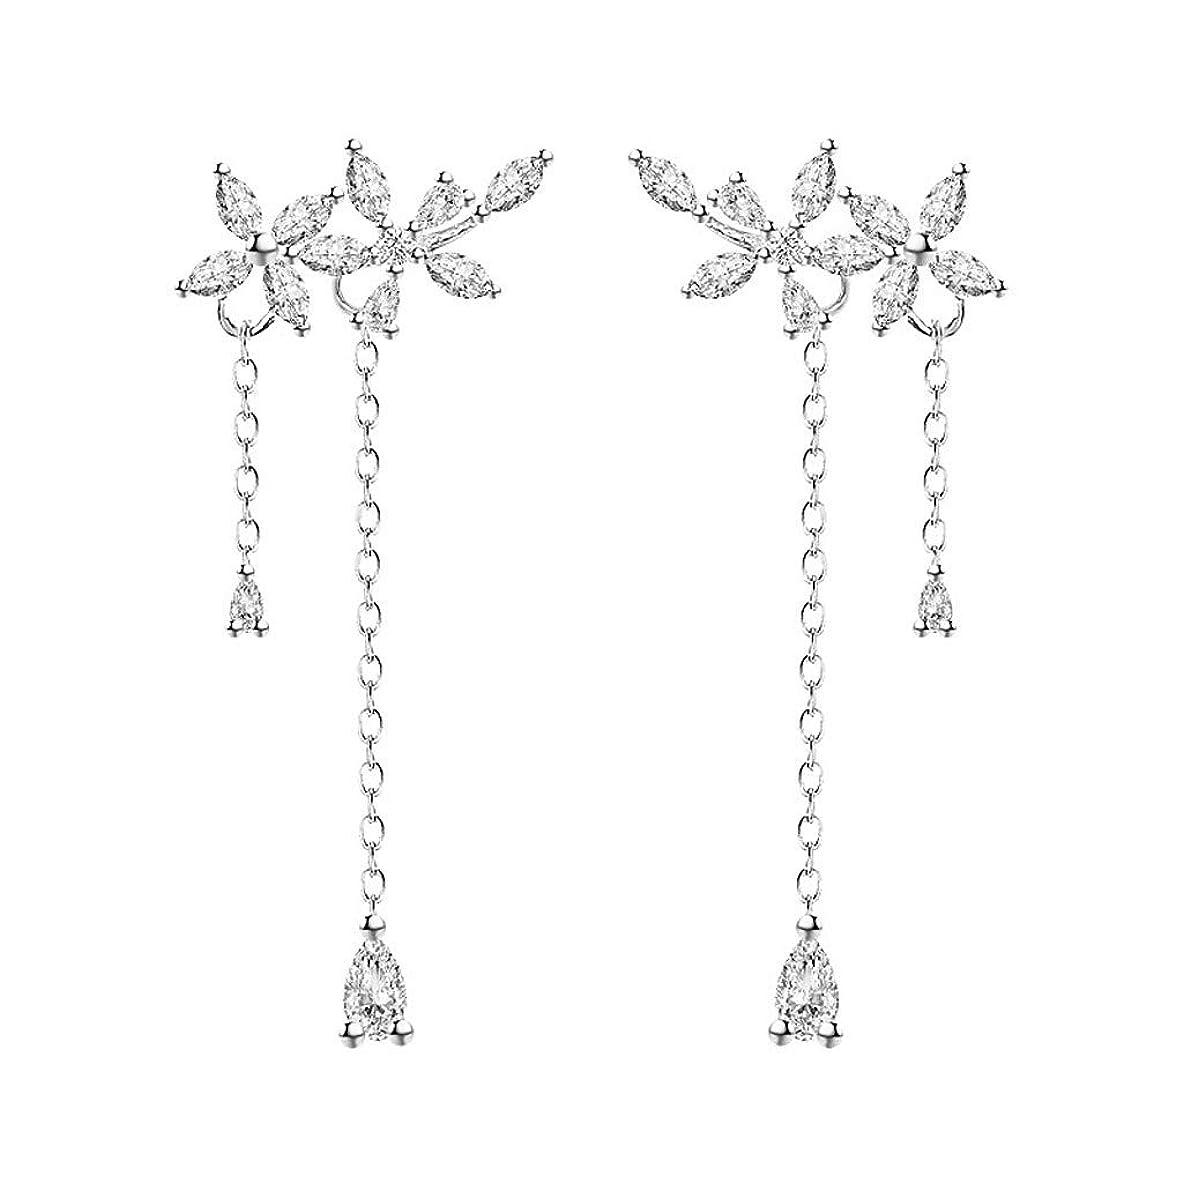 アナログ平均無謀Nicircle 葉ラップ女性のためのクローラー可憐な花タッセルチェーンイヤリング タッセル 花 イヤリング 気質 長いセクション 学生 ペンダント イヤリング Leaves Wrap Earrings Crawler for Women Dainty Flowers Tassel Chain Earrings